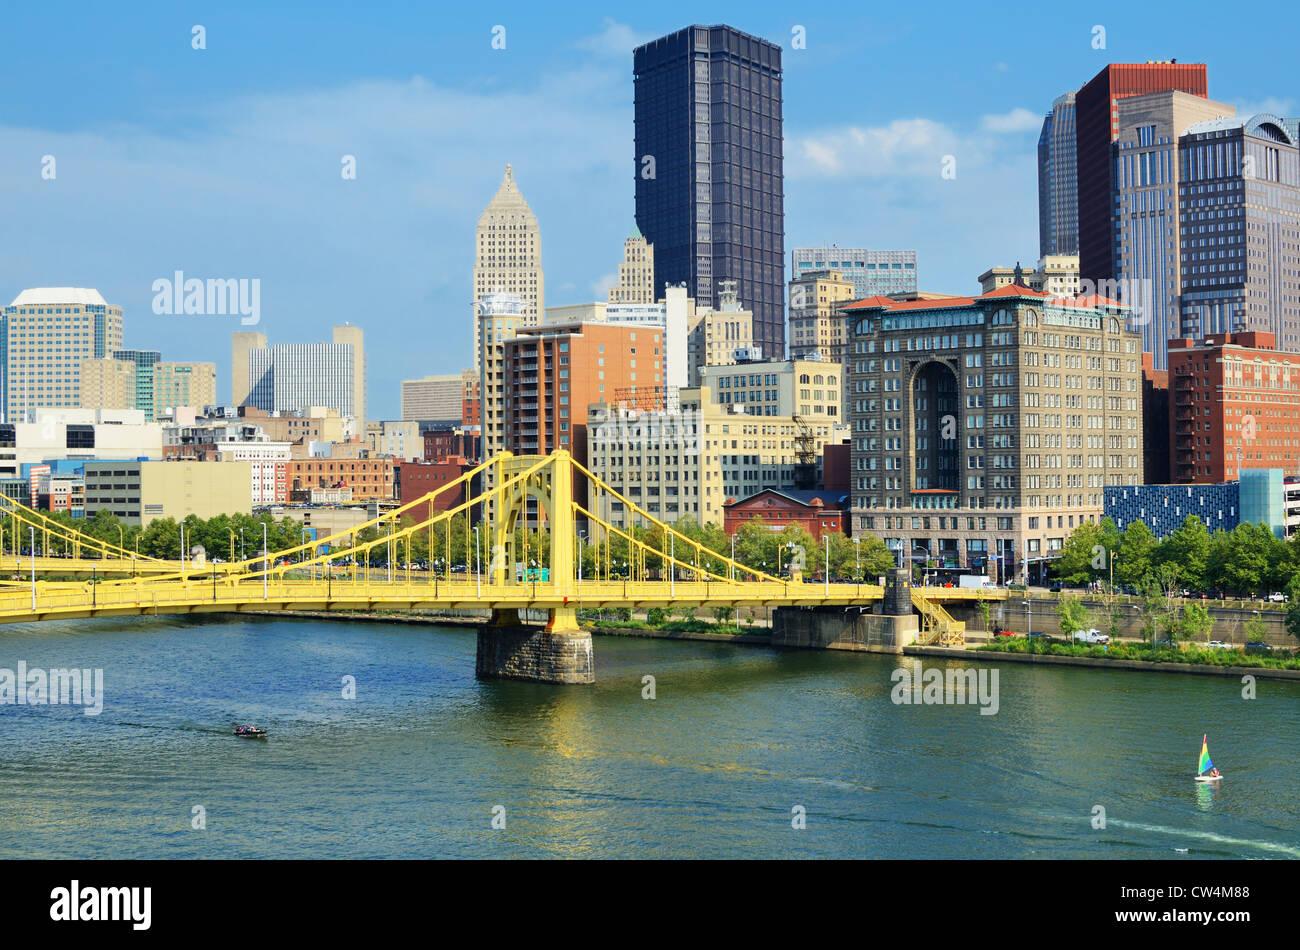 Roberto Clemente Bridge et gratte-ciel du centre-ville de Pittsburgh, Pennsylvanie, USA. Photo Stock